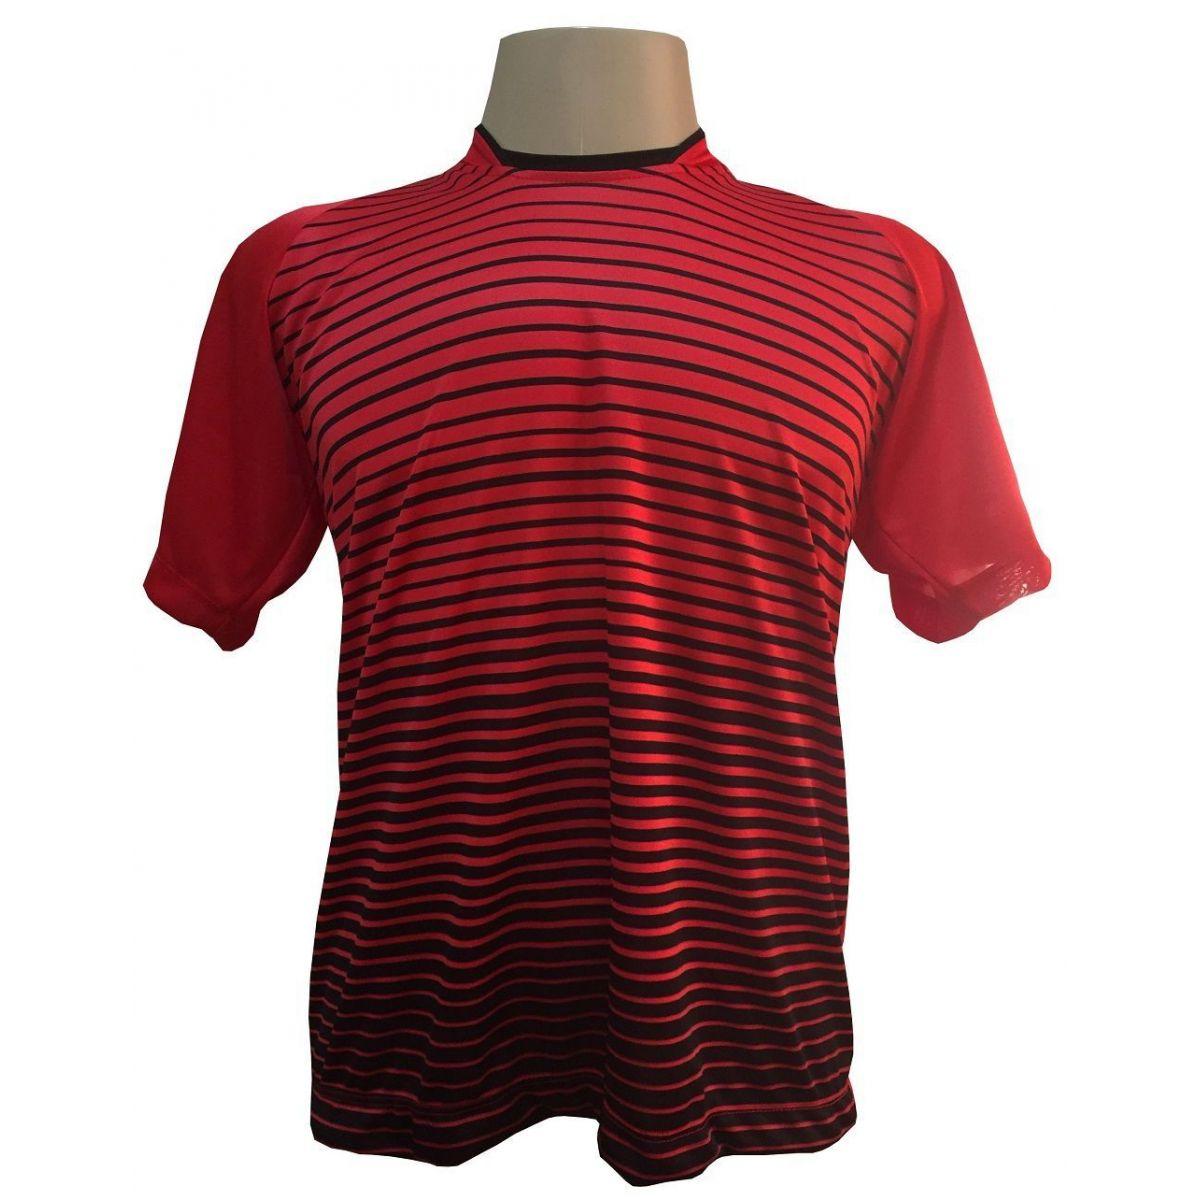 Uniforme Esportivo com 18 camisas modelo City Vermelho/Preto + 18 calções modelo Madrid + 1 Goleiro + Brindes